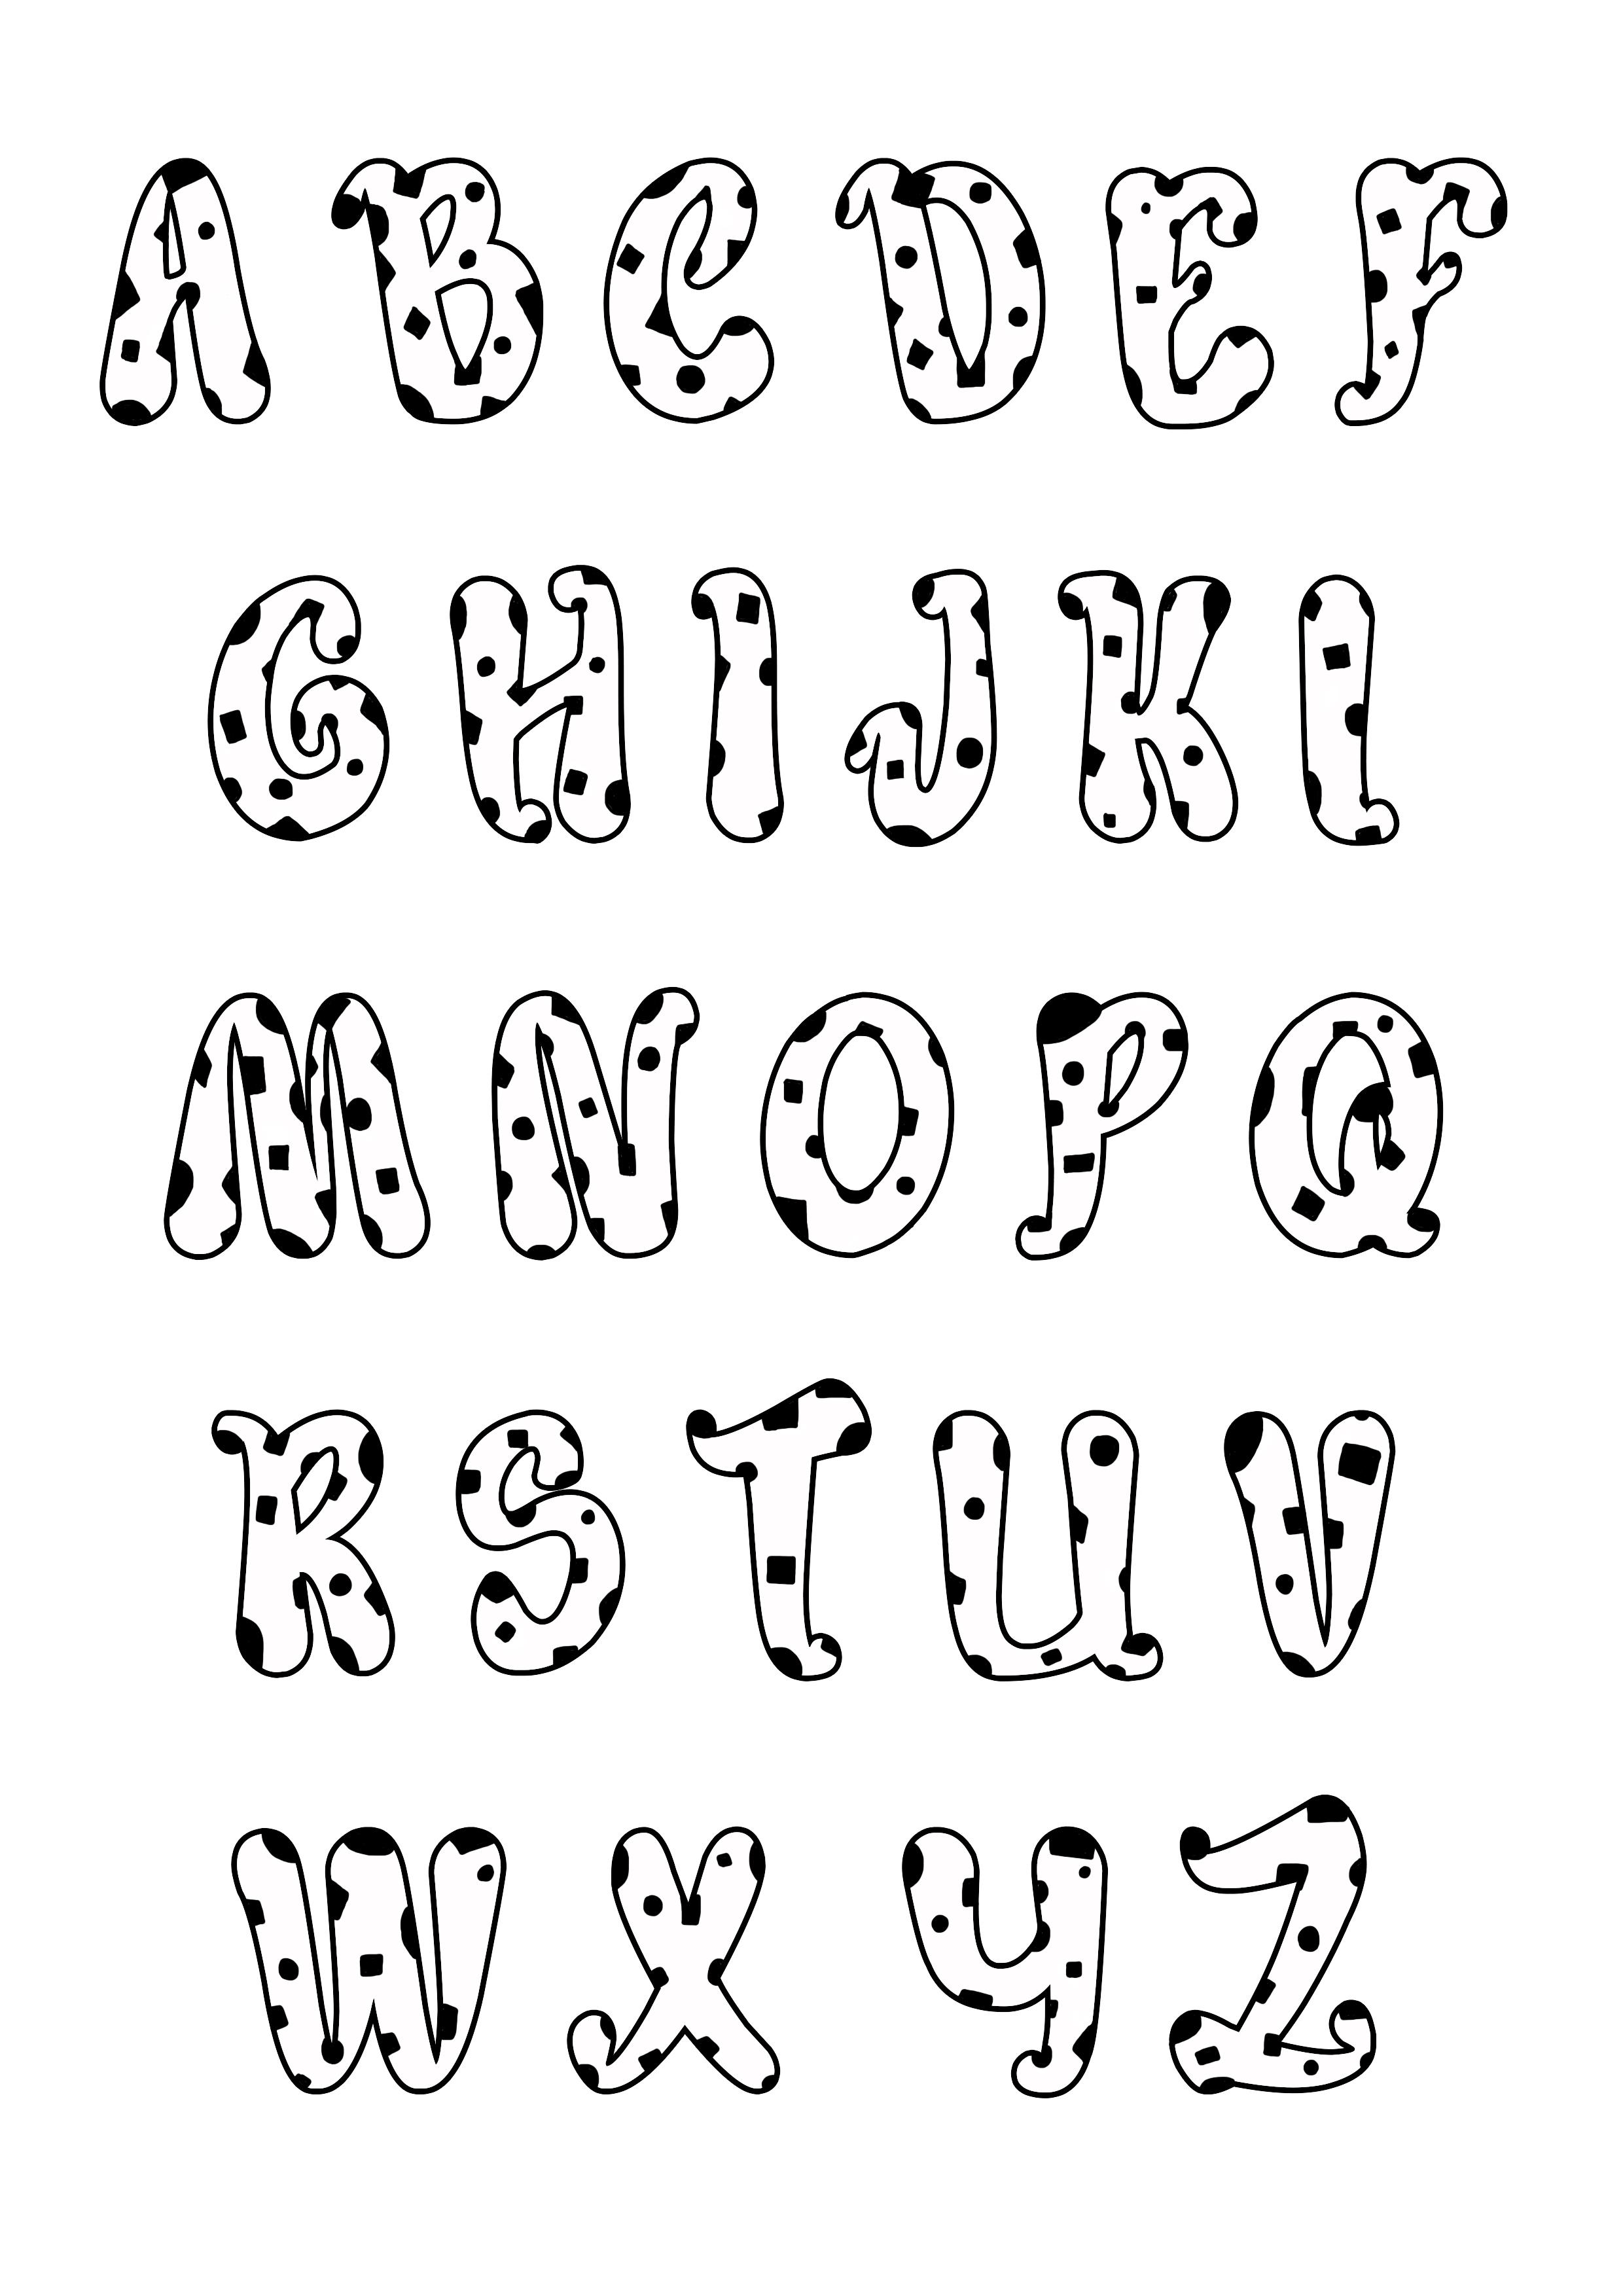 plain alphabet letters coloring pages - photo#38